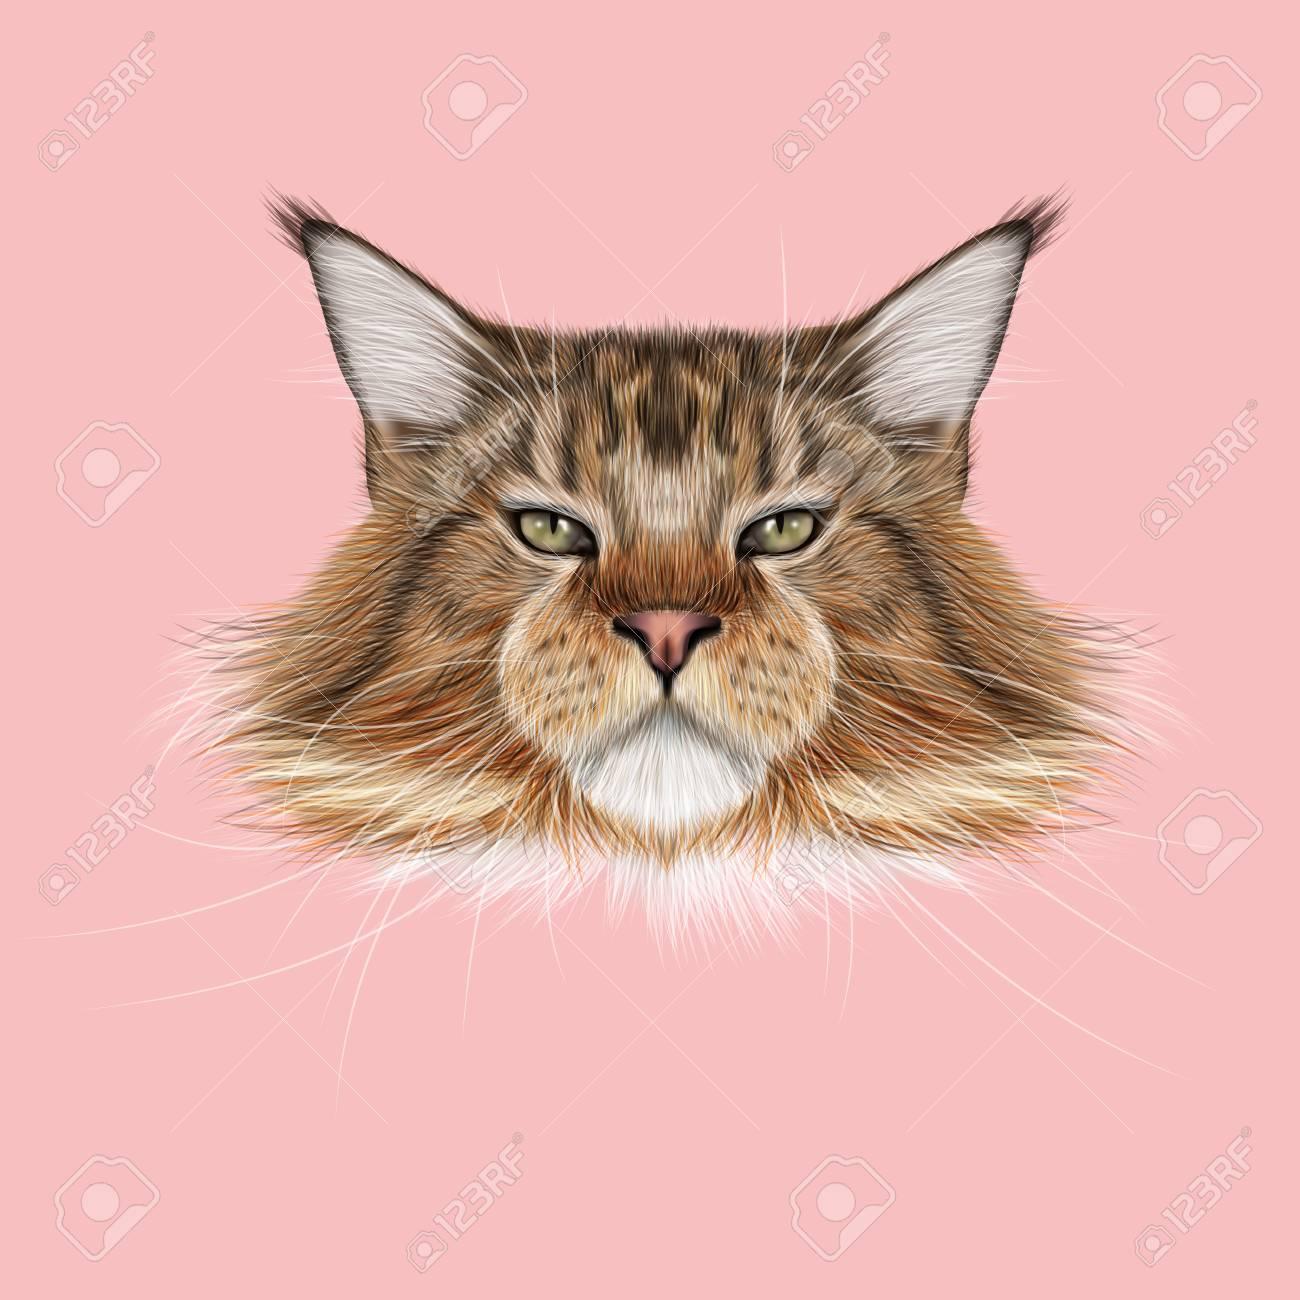 イラスト肖像画のメインあらいくま猫ピンクの背景の国内猫のかわいい